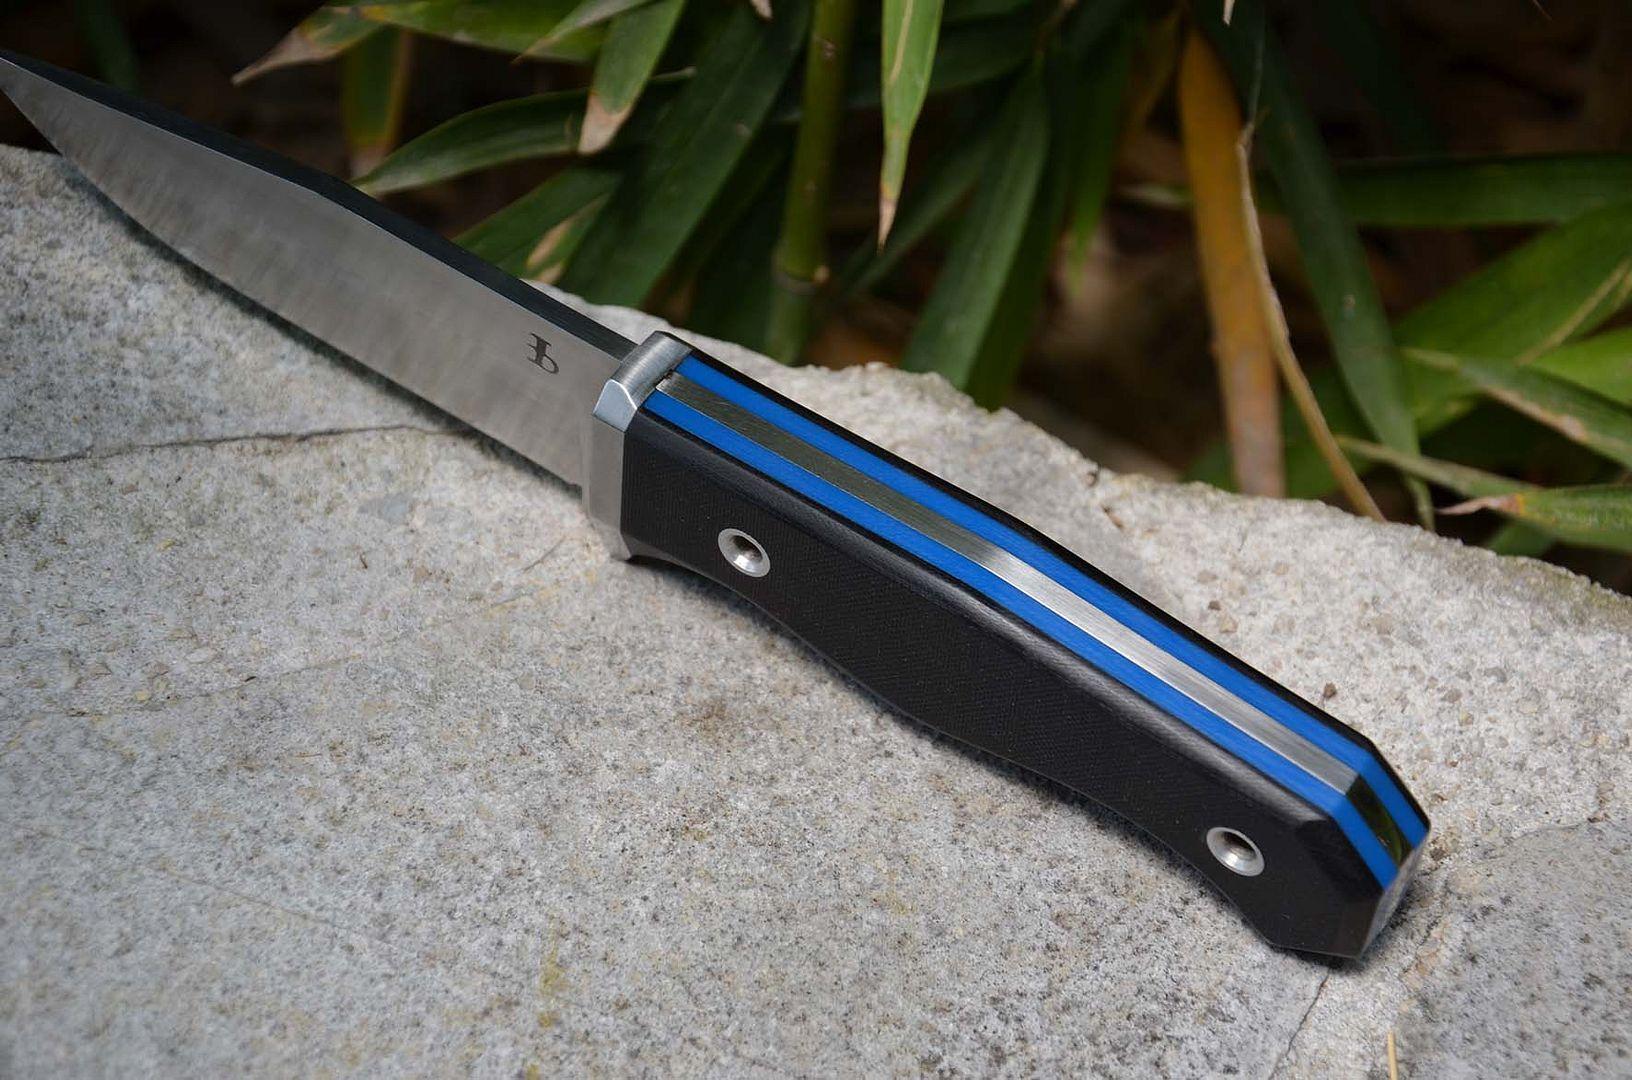 les couteaux du trefle - Page 9 DSC_0276_zps0itv9lvz